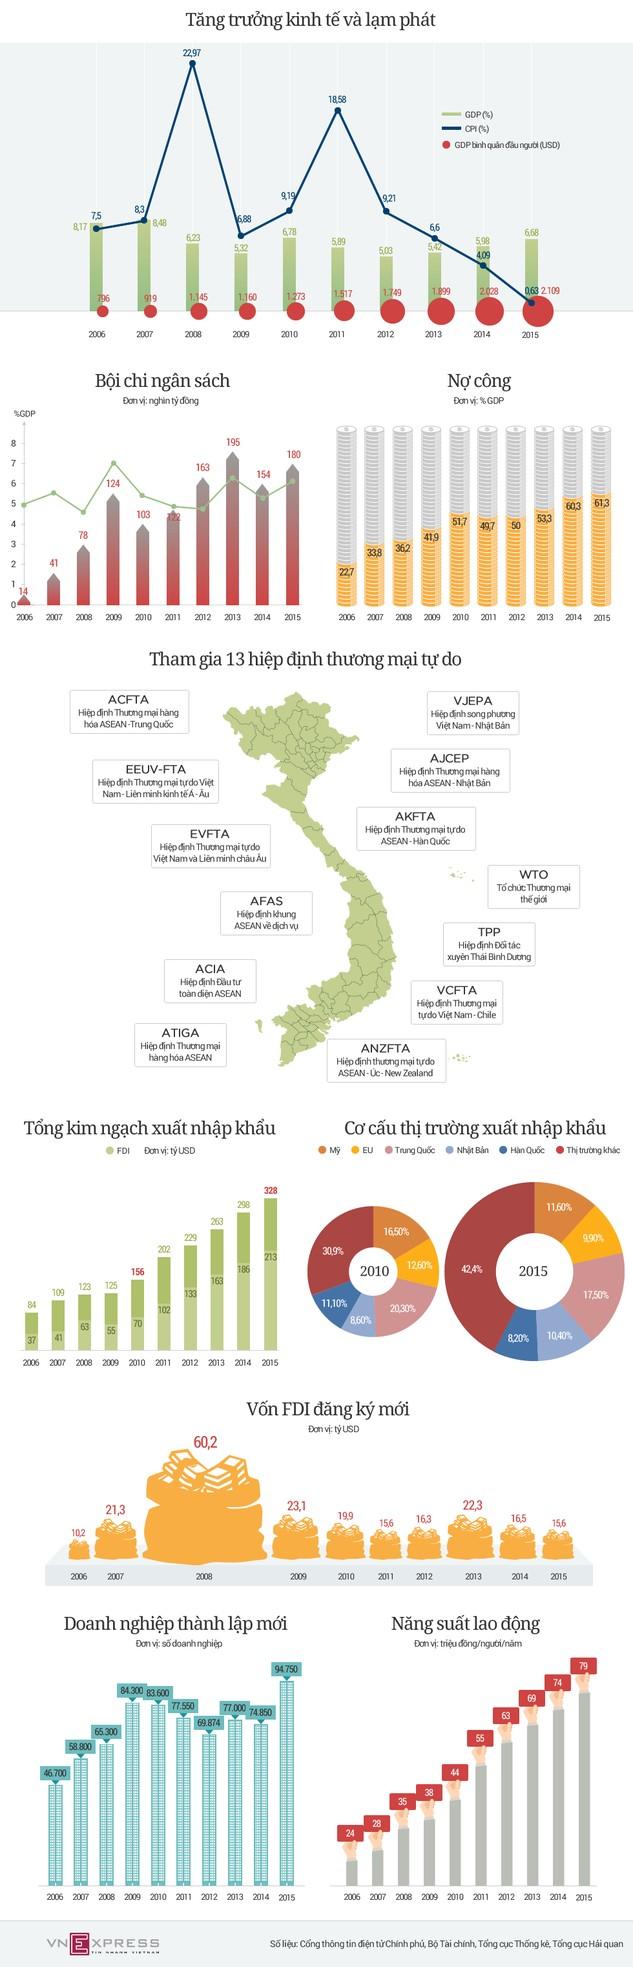 Kinh tế Việt Nam trong 2 nhiệm kỳ của Thủ tướng Nguyễn Tấn Dũng